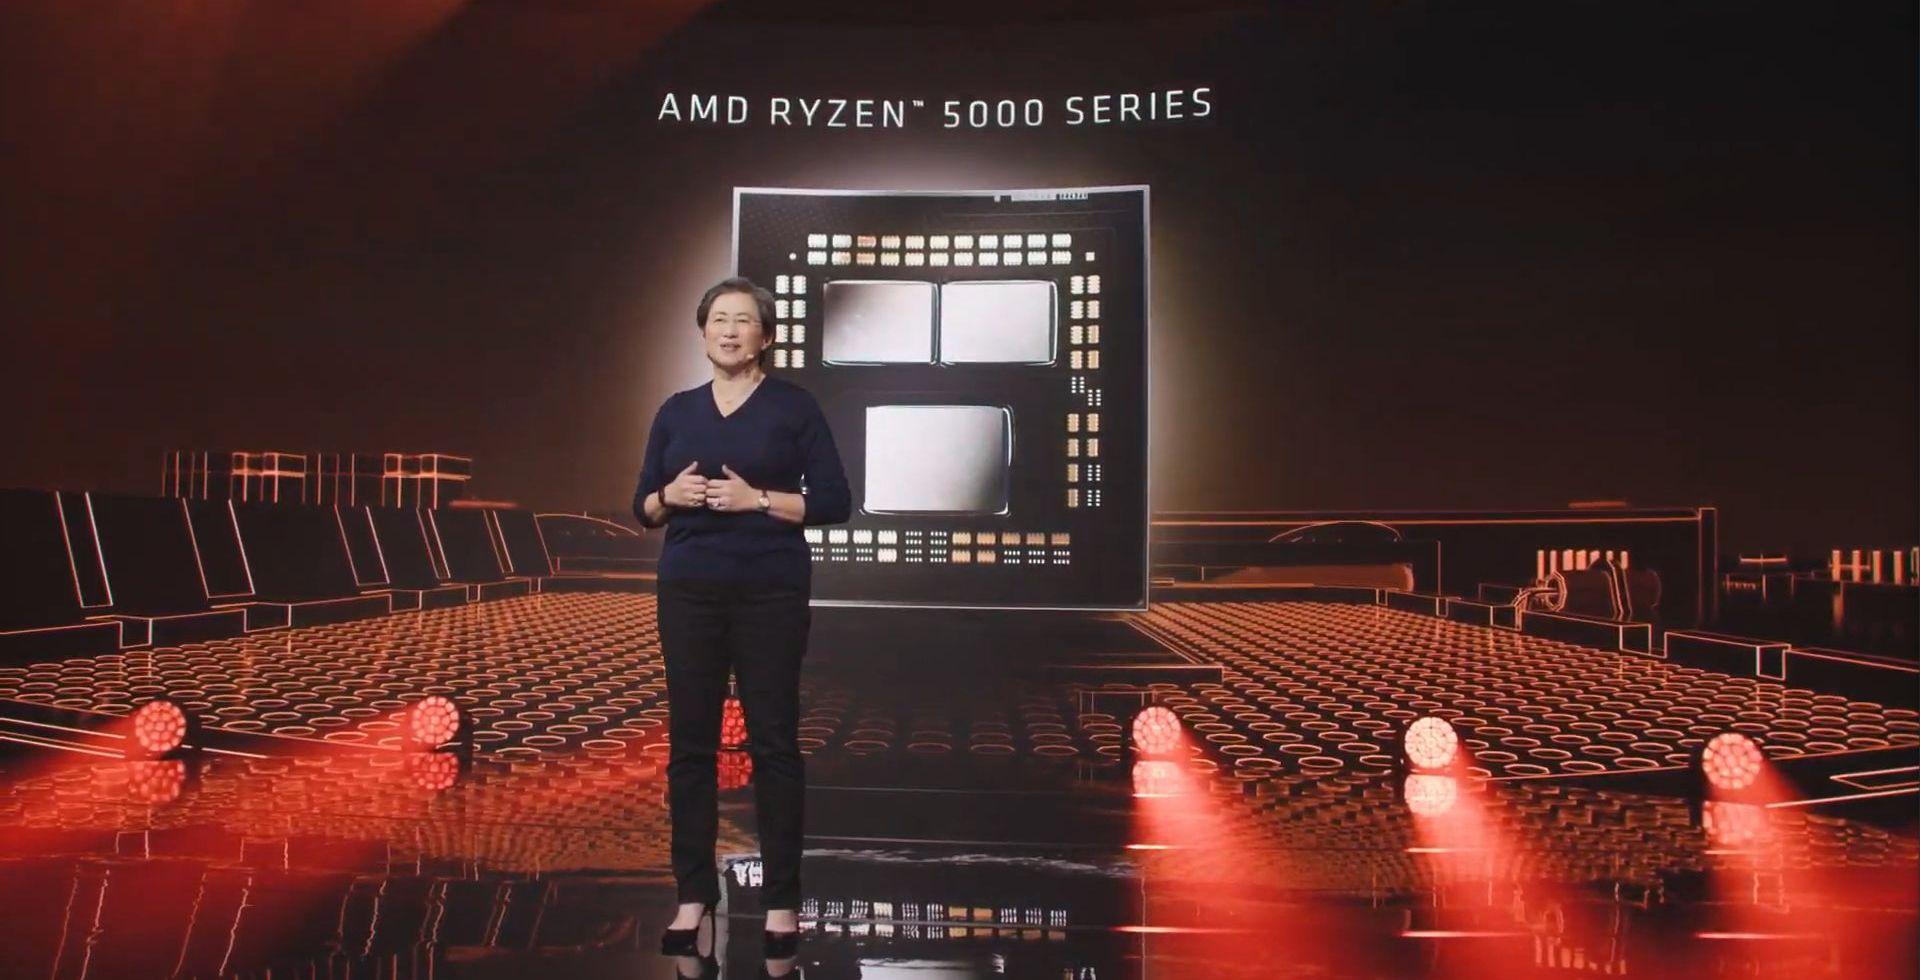 В этом квартале поставки чипов AMD Ryzen 5000 вырастут на 20%